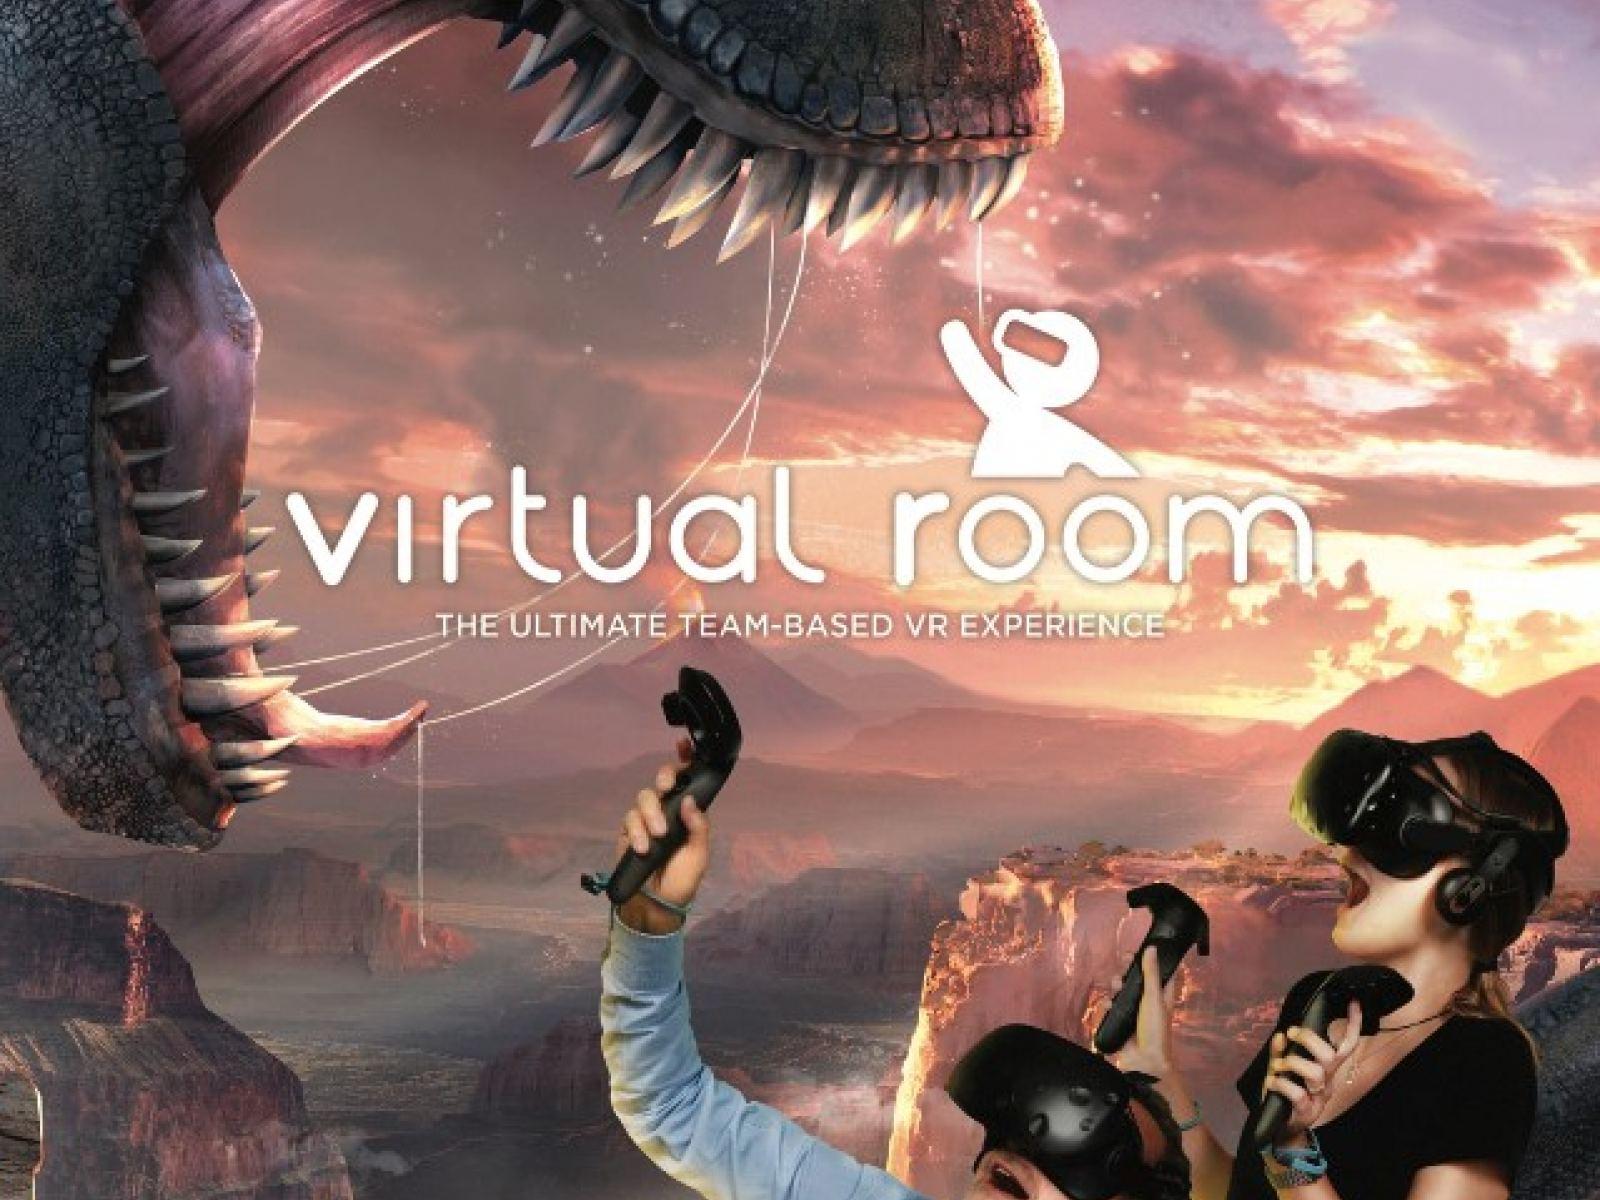 VR Hollywood